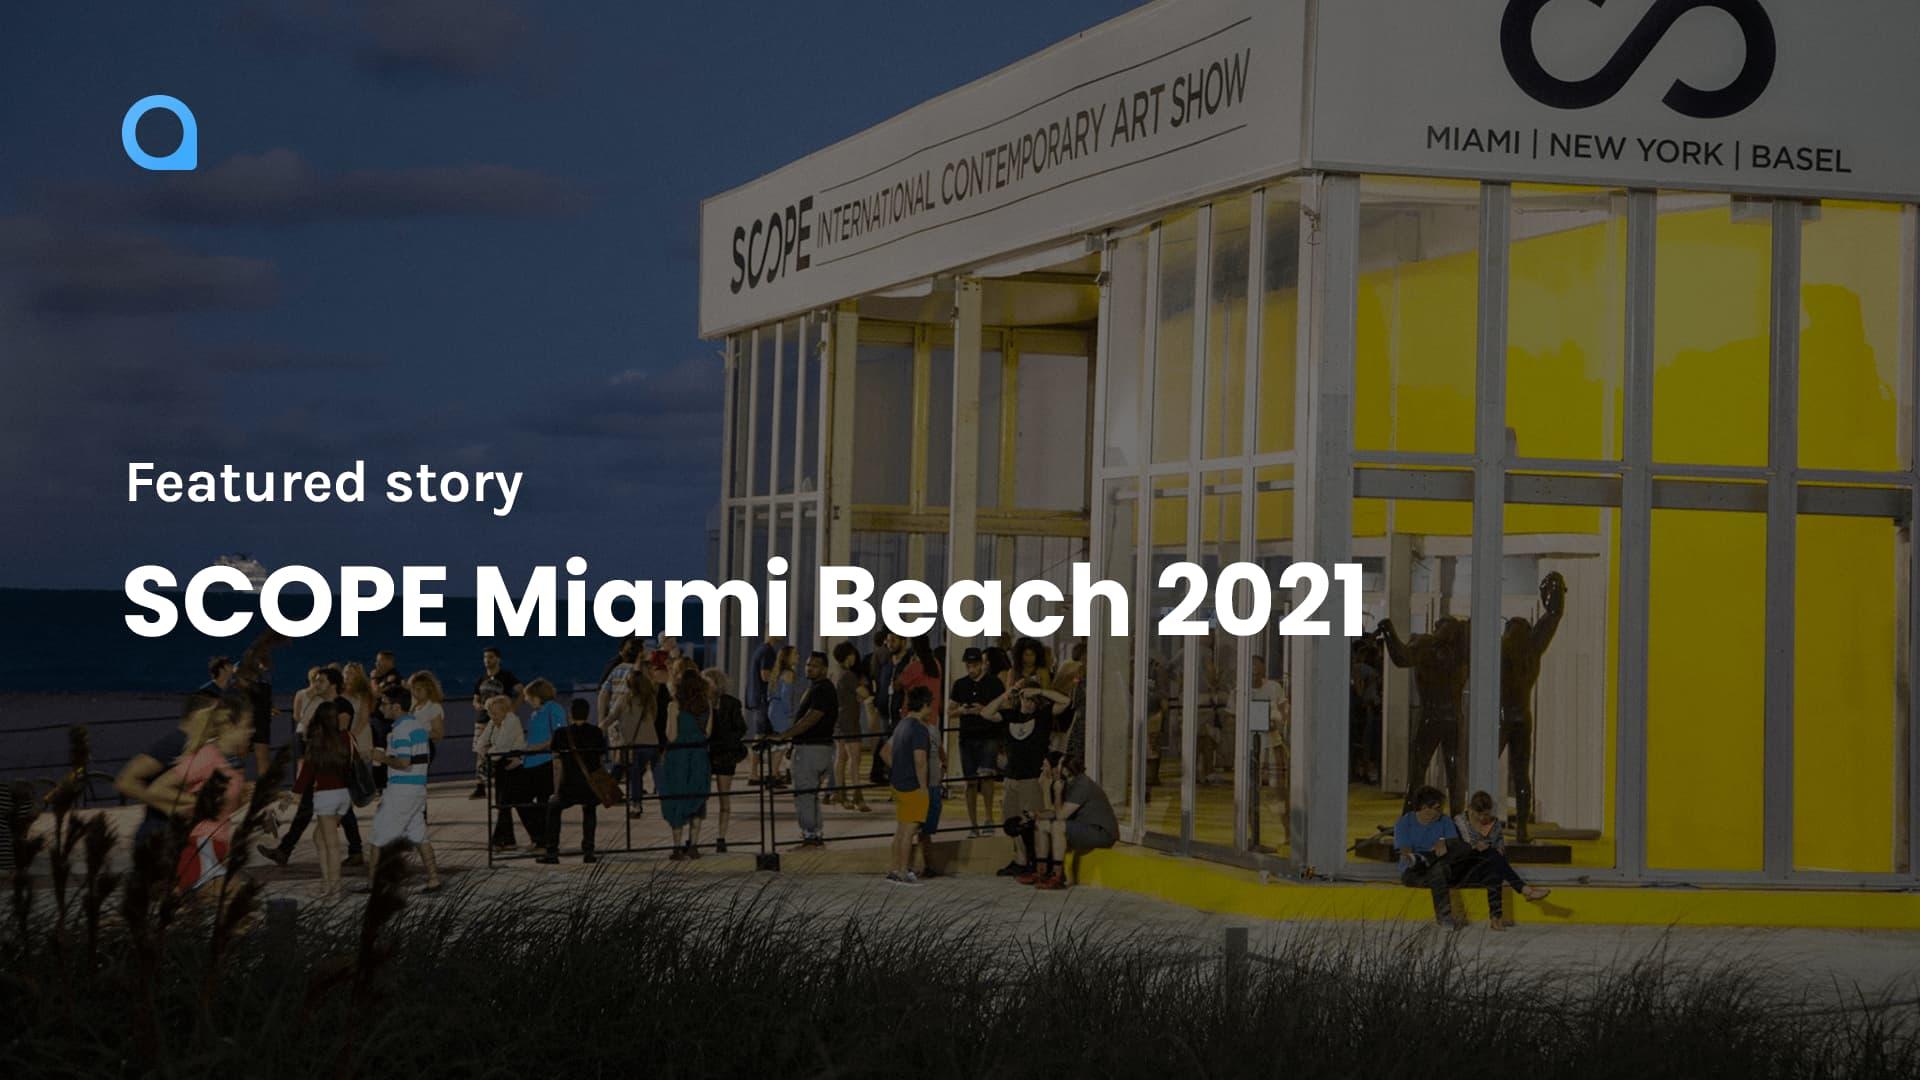 SCOPE Miami Beach 2021